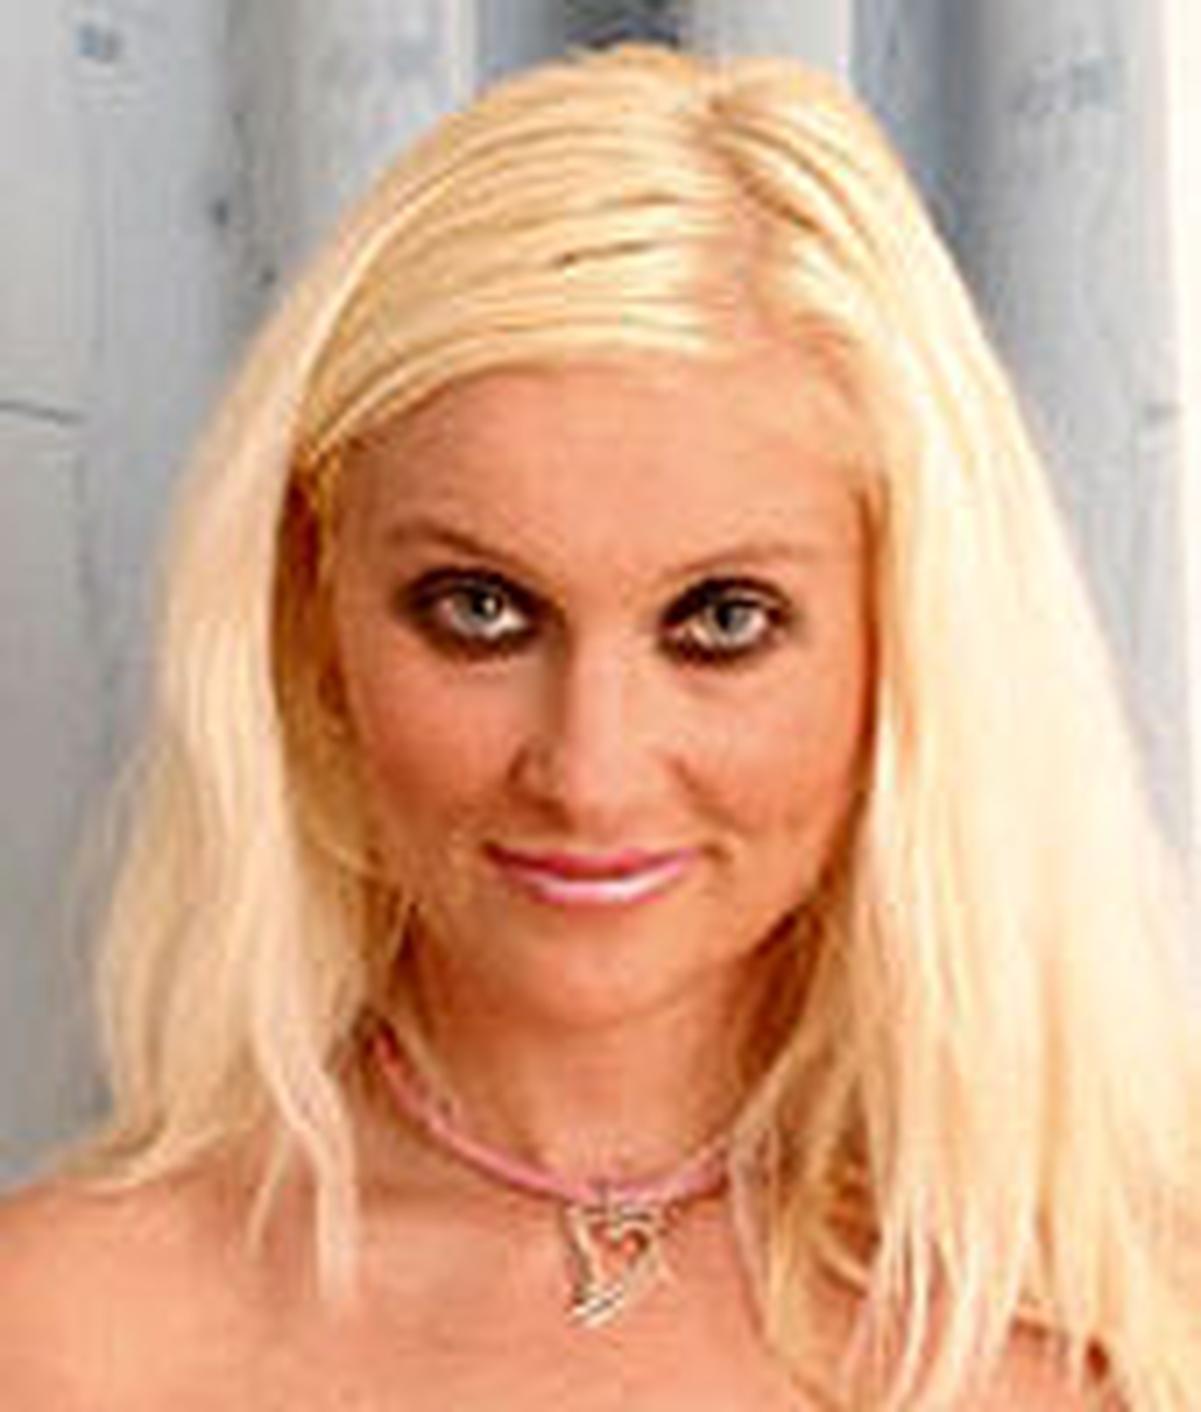 Vanessa Sey